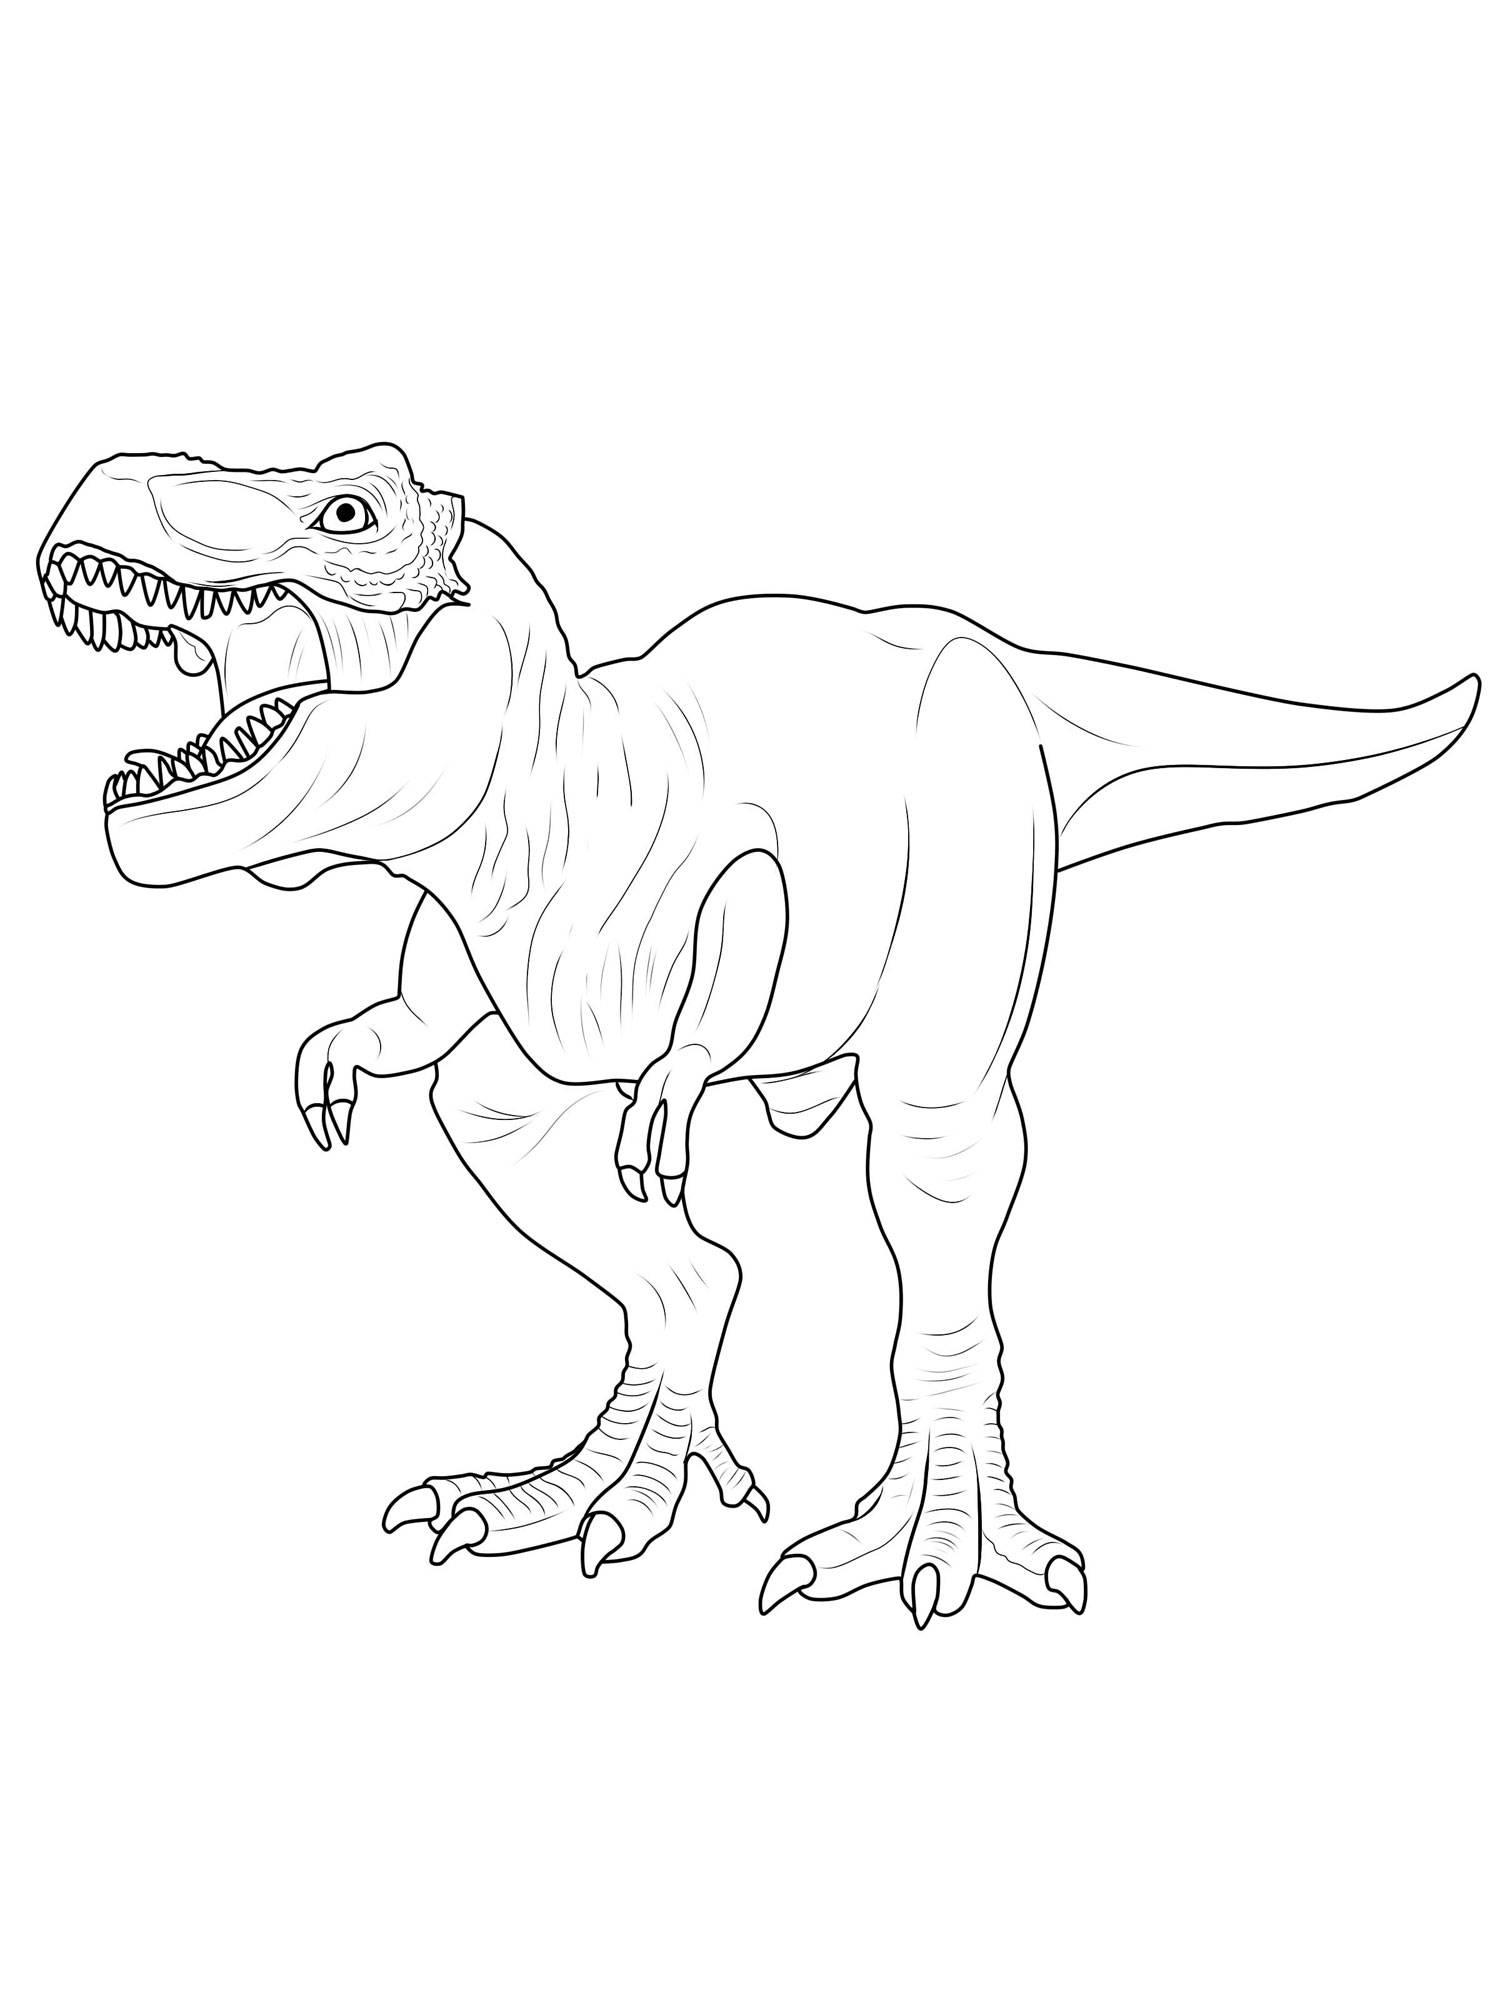 Ausmalbild Dinosaurier und Steinzeit: Dinosaurier ausmalen ...